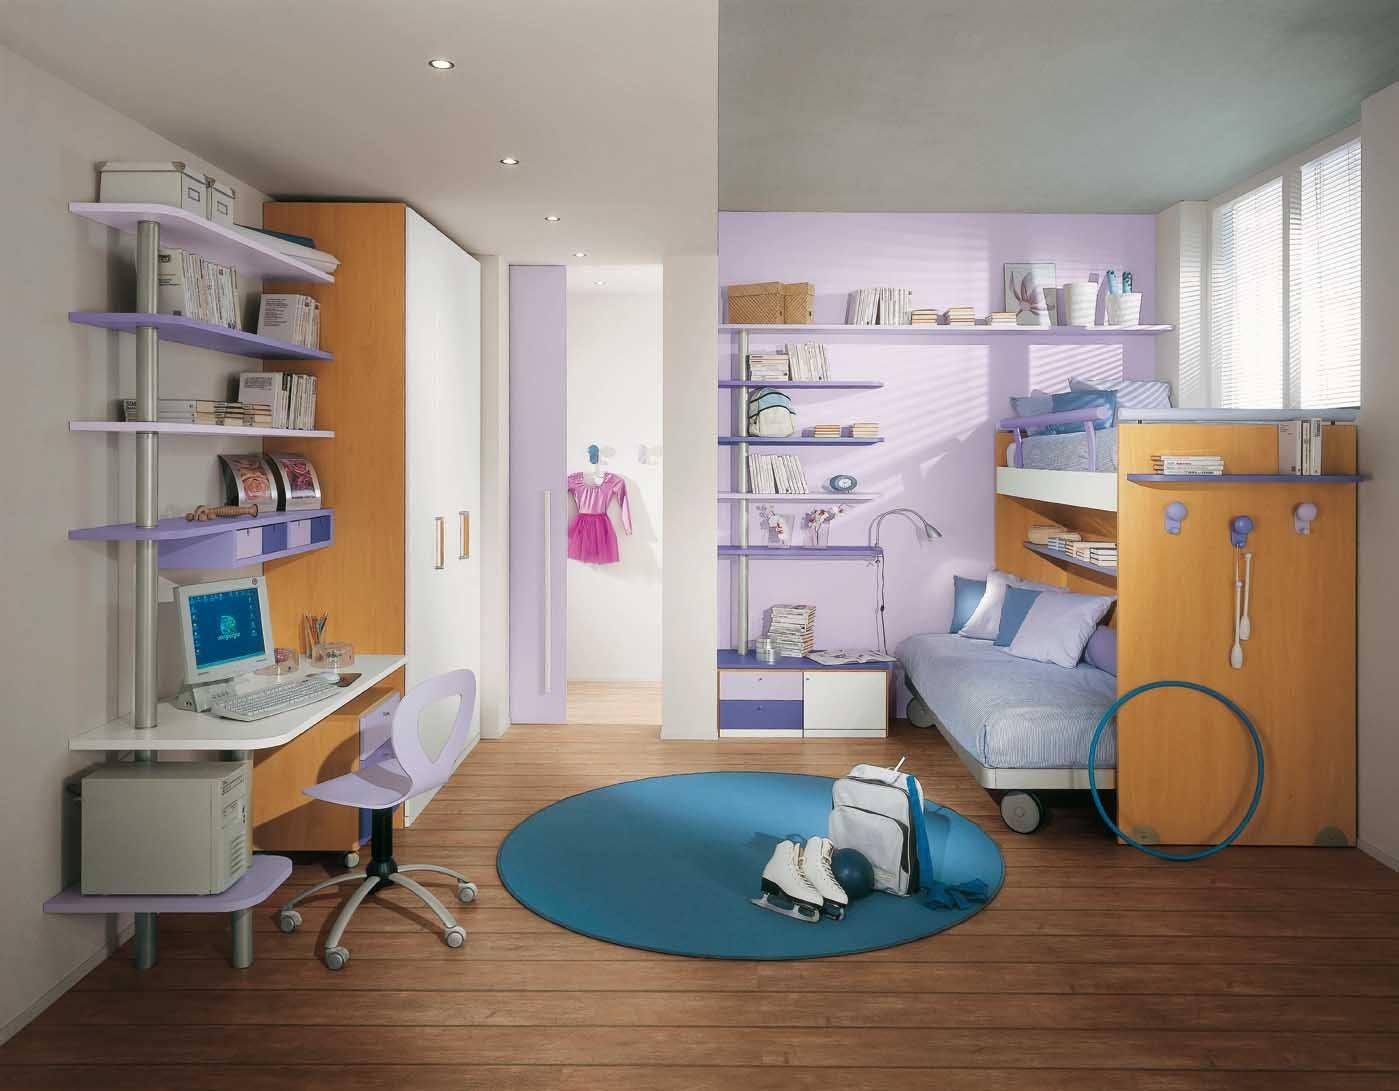 Bonetti camerette bonetti bedrooms cameretta salvaspazio - Camerette salva spazio ...